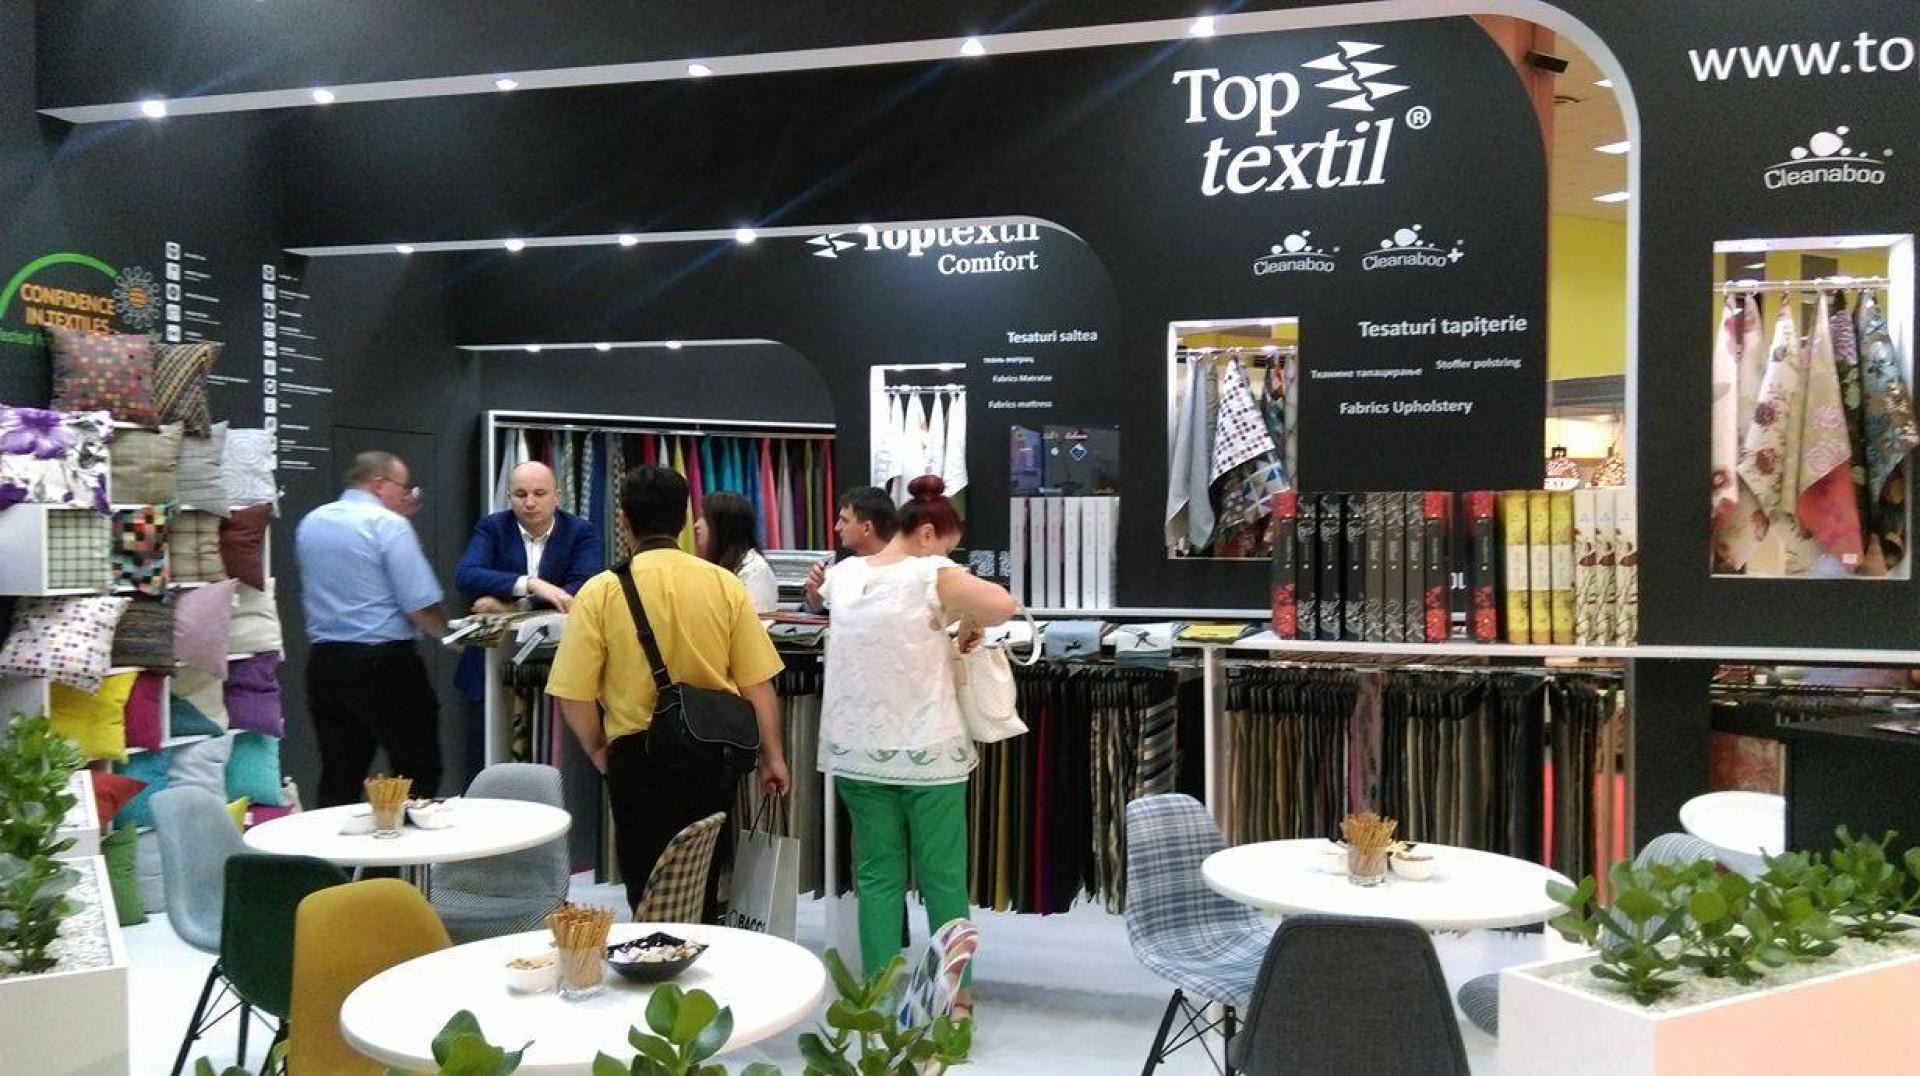 Stoisko firmy Toptextil na targach BIFE-SIM w Bukareszcie. Fot. Toptextil